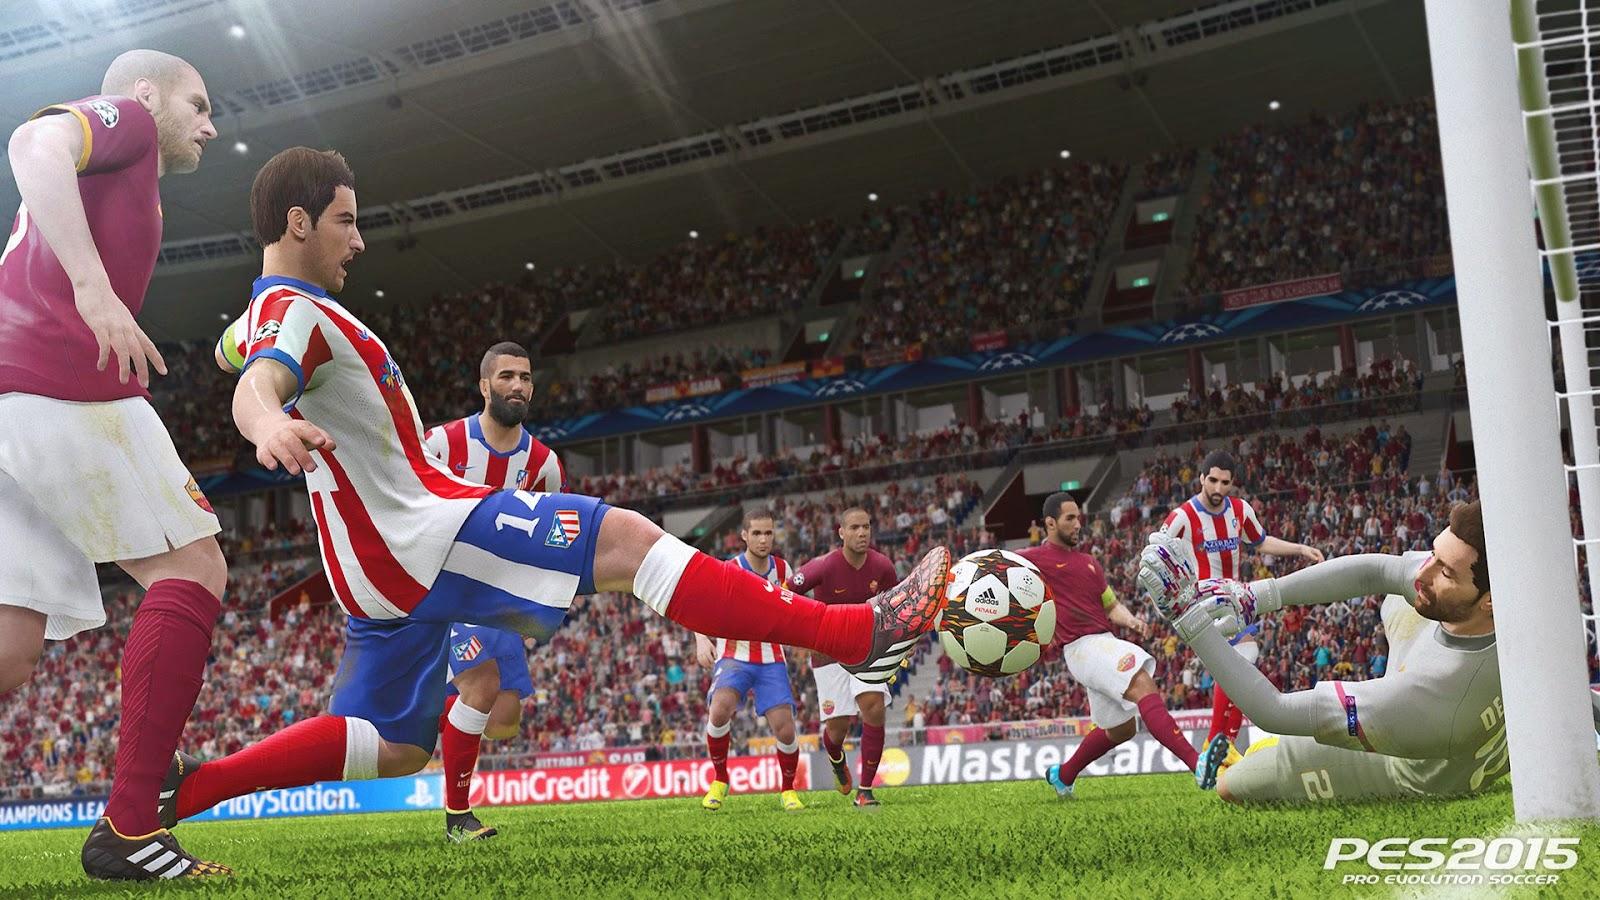 Pro Evolution Soccer 2015 + upadate patch v1.02 & v2.0 - PC [Free]